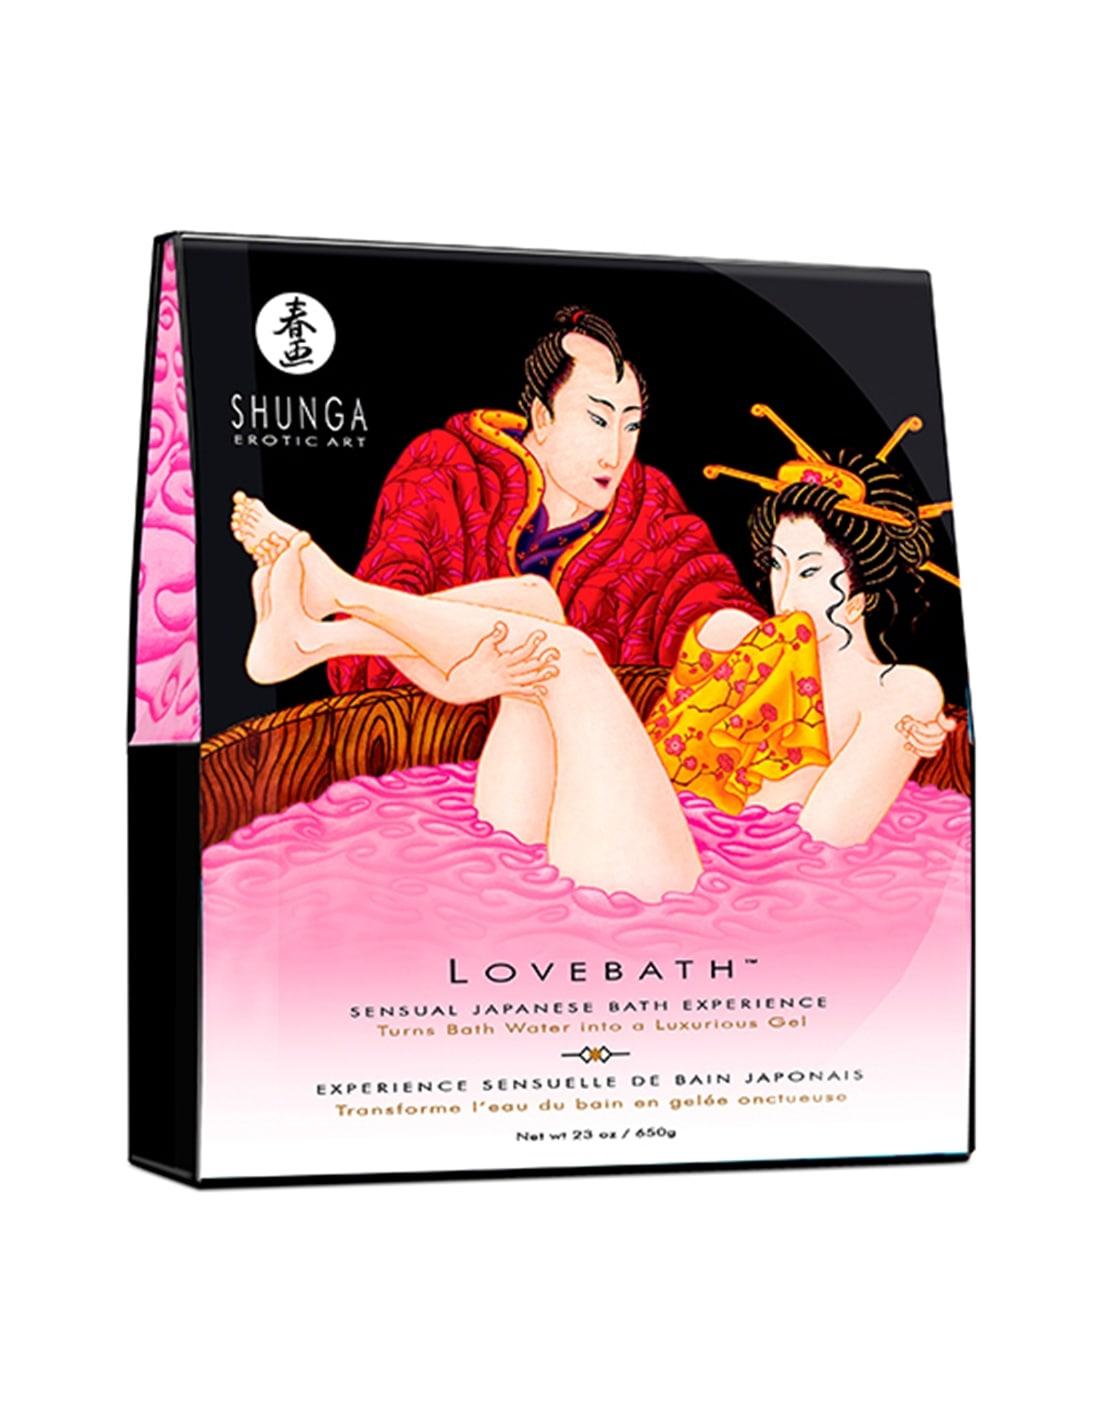 Sais de Banho Shunga Love Bath Dragon Fruit 650Gr - Rosa - PR2010313041